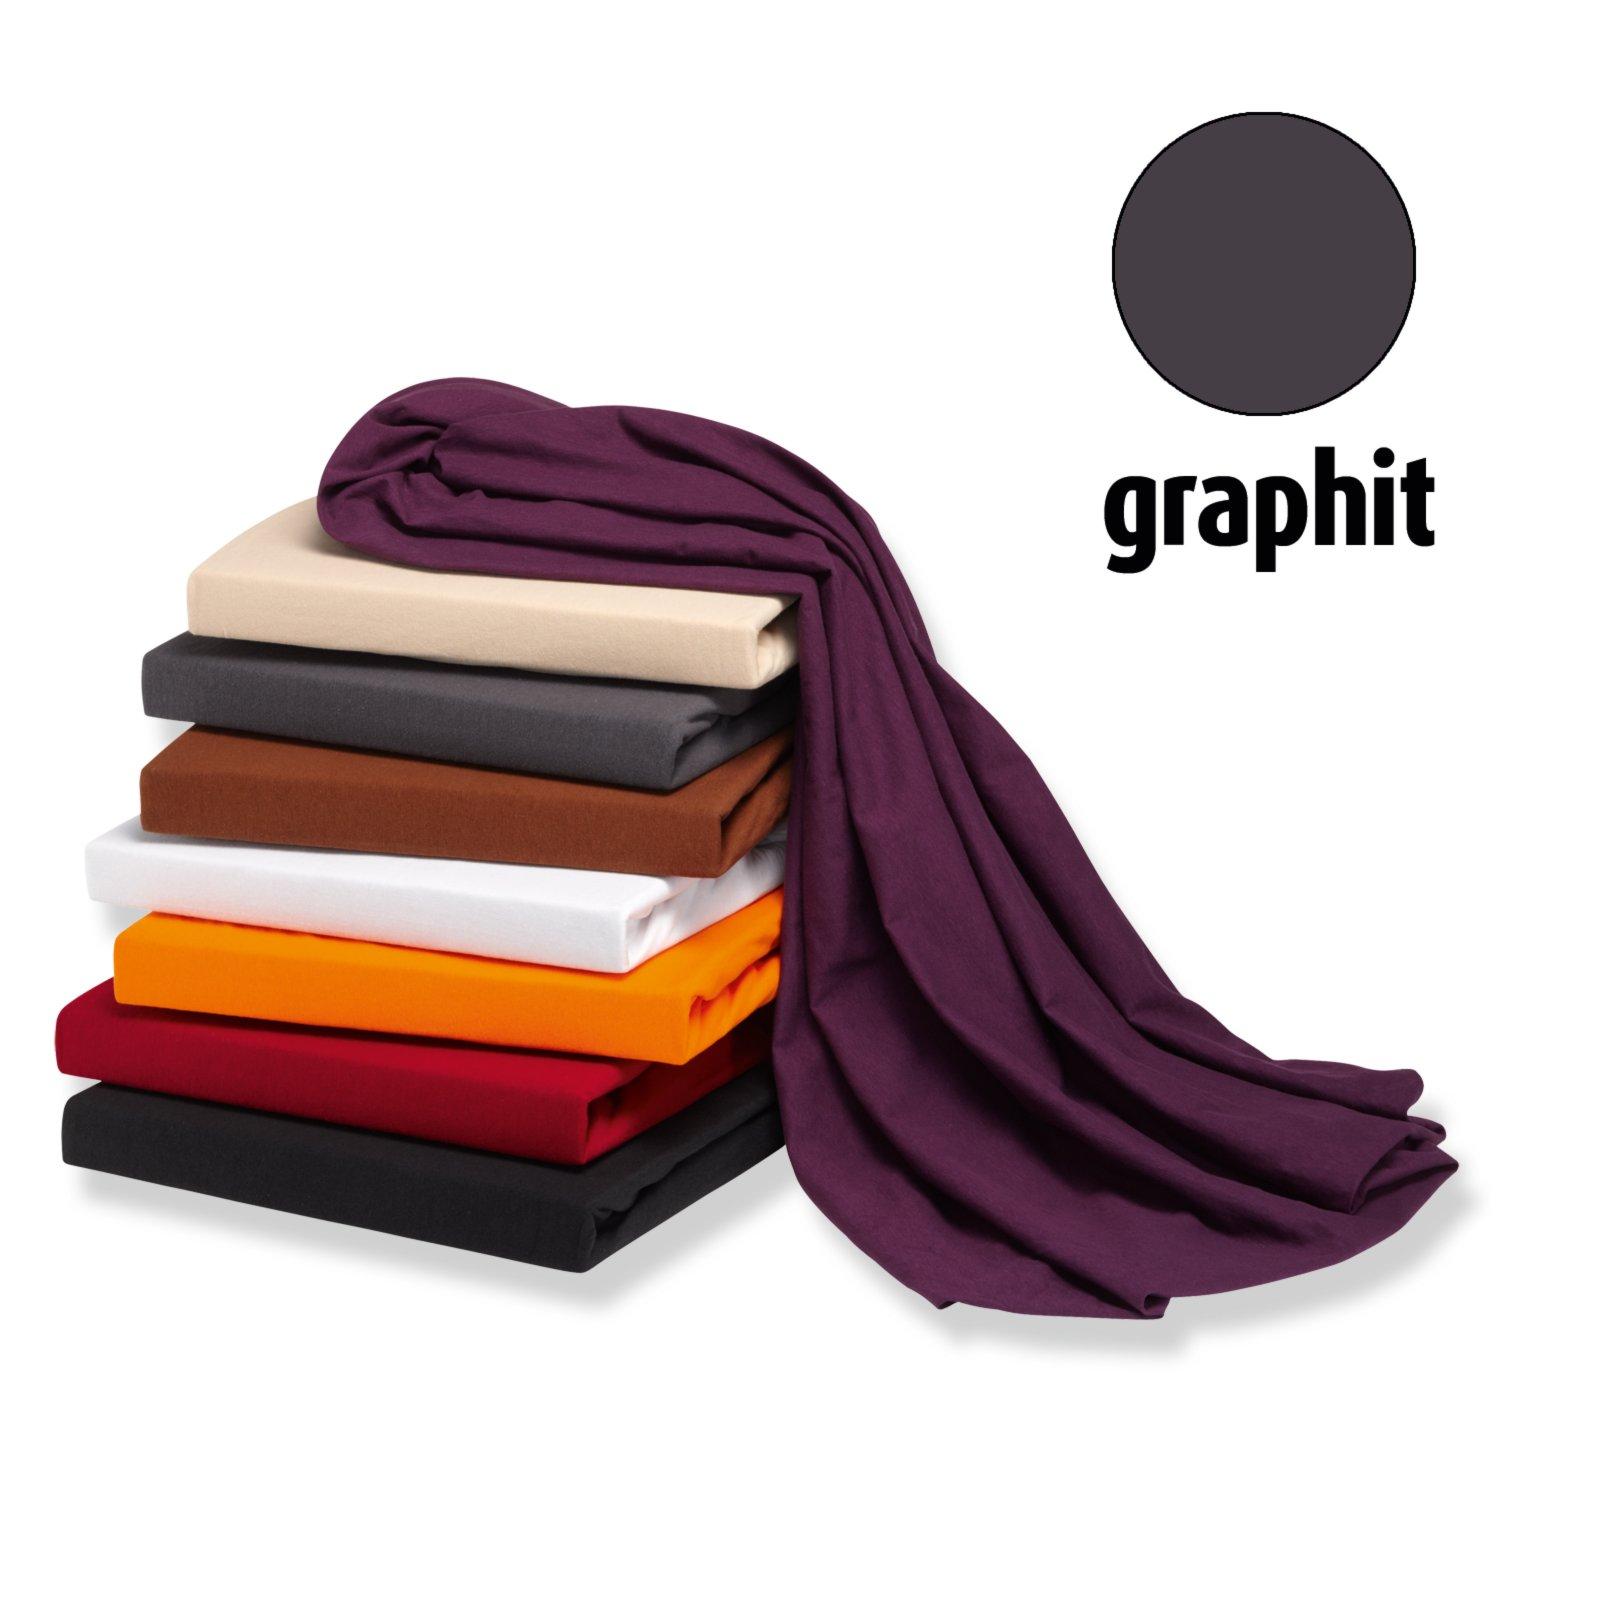 Elastic-Jersey-Spannbettlaken EXCLUSIV - graphit - 90x200 cm